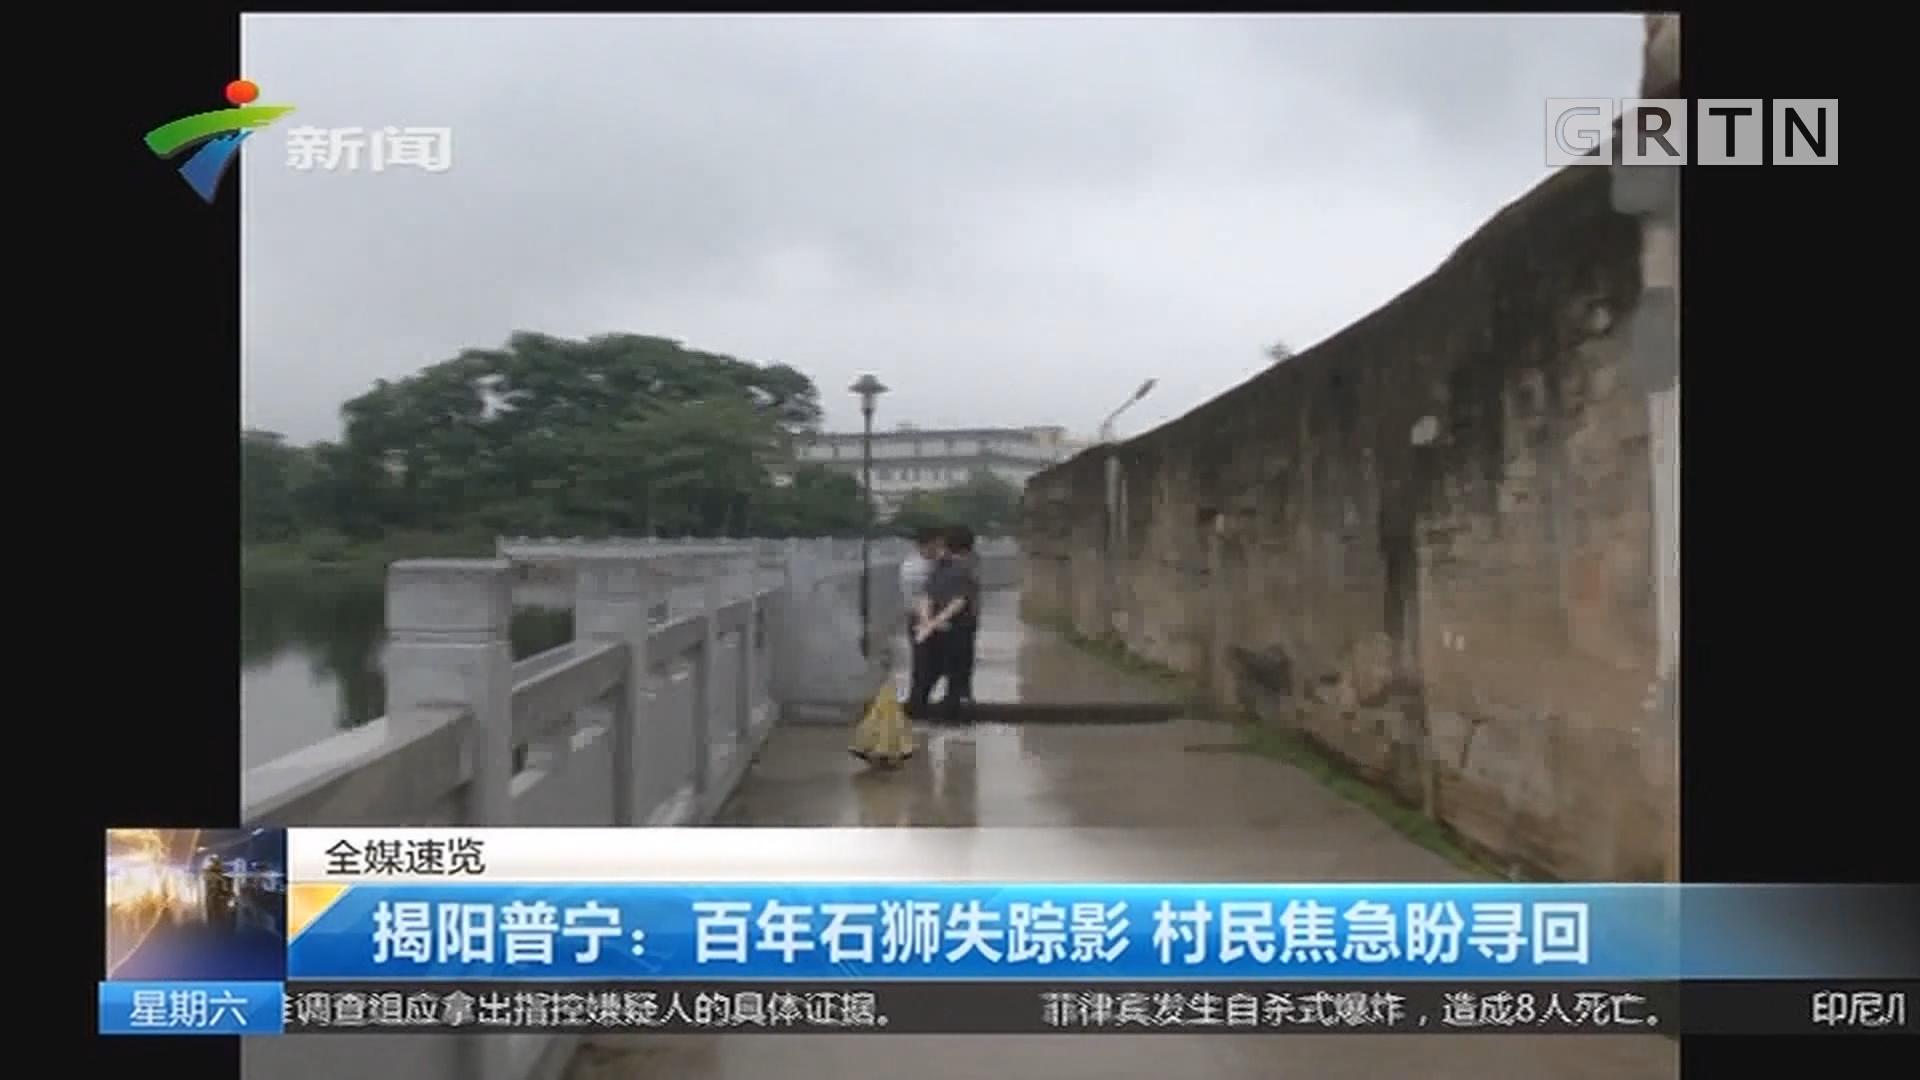 揭阳普宁:百年石狮失踪影 村民焦急盼寻回